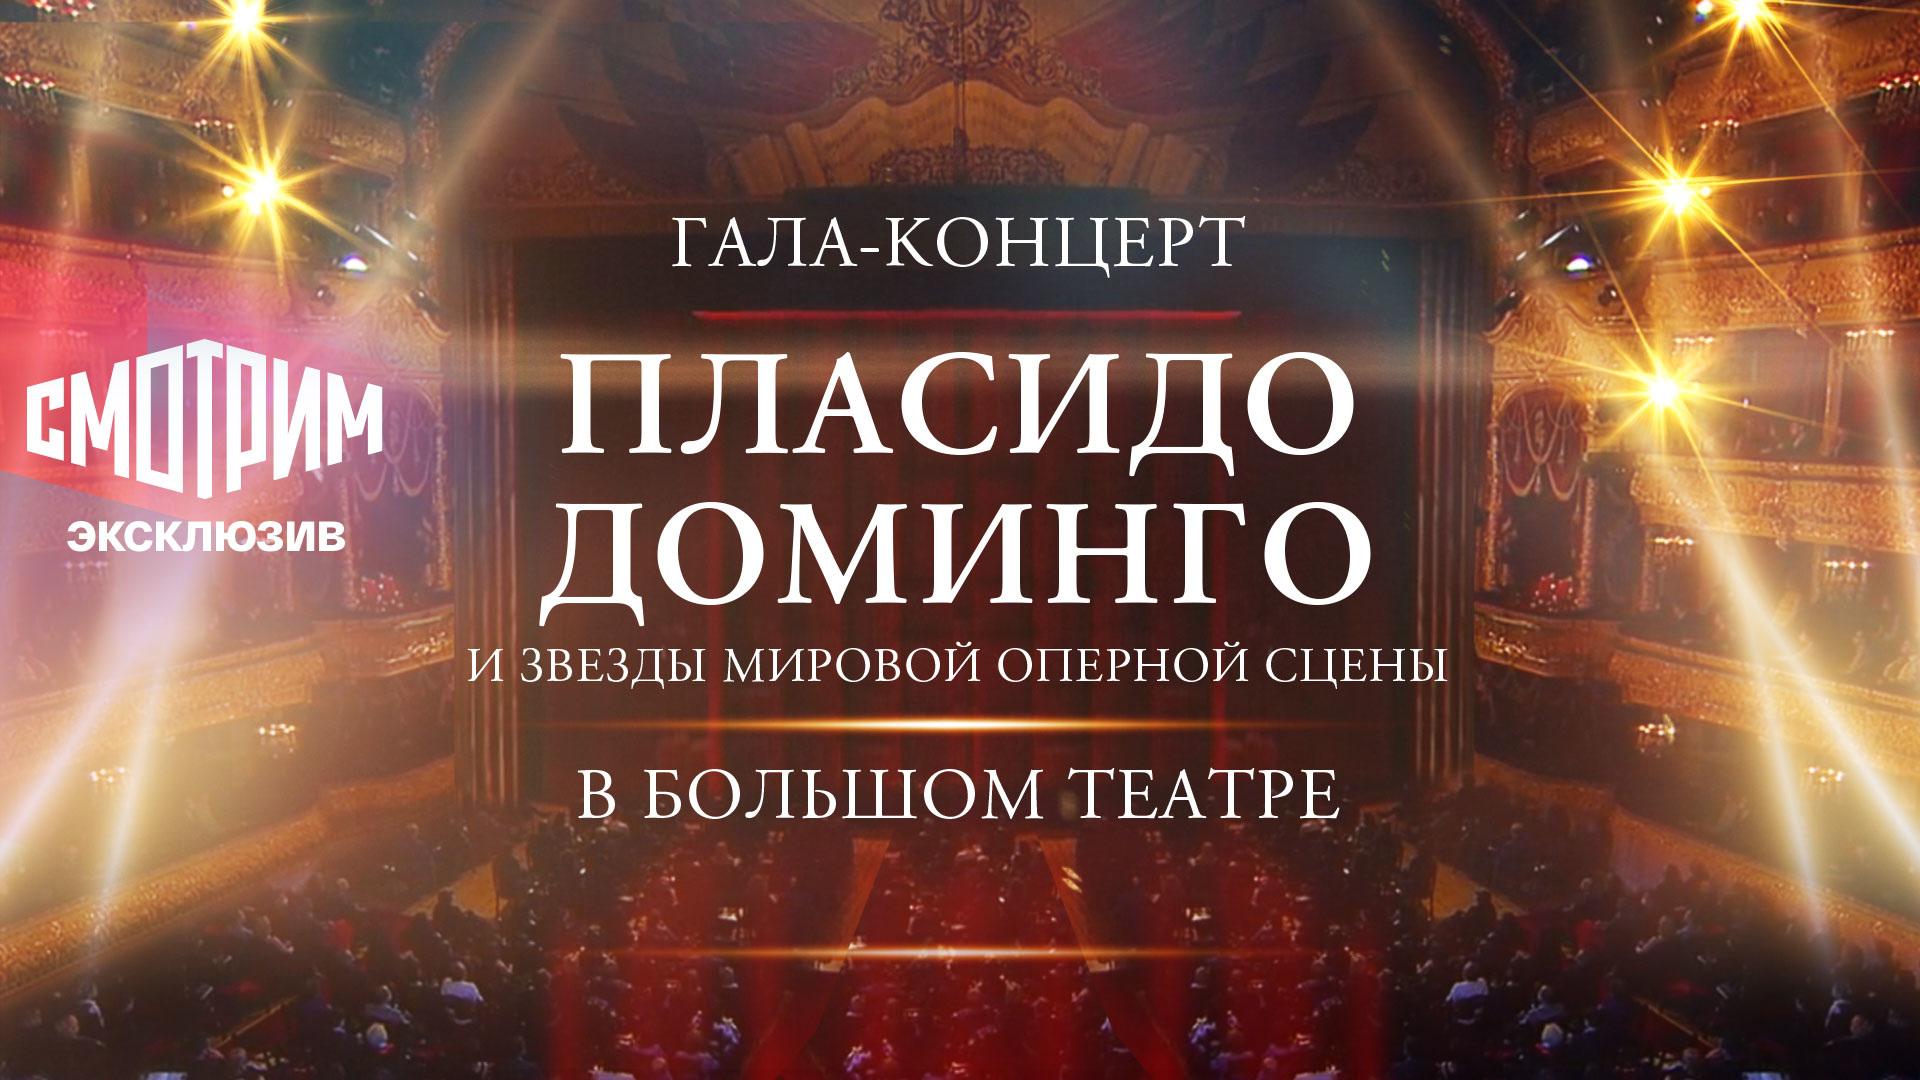 Пласидо Доминго и звезды мировой оперной сцены в Москве. Гала-концерт в Государственном академическом Большом театре